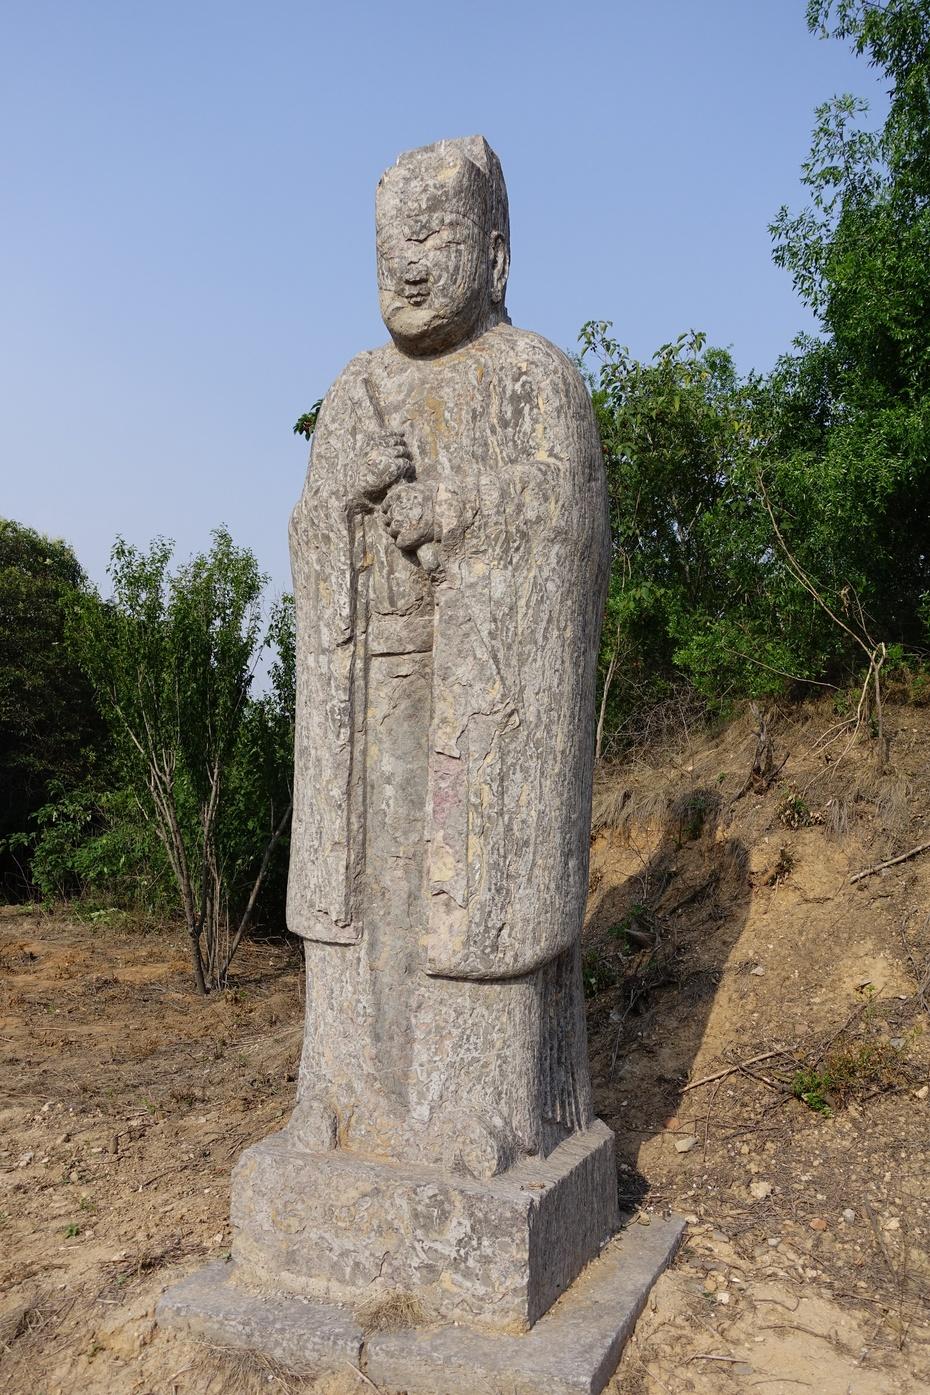 北宋永定陵前的石刻艺术 - 余昌国 - 我的博客